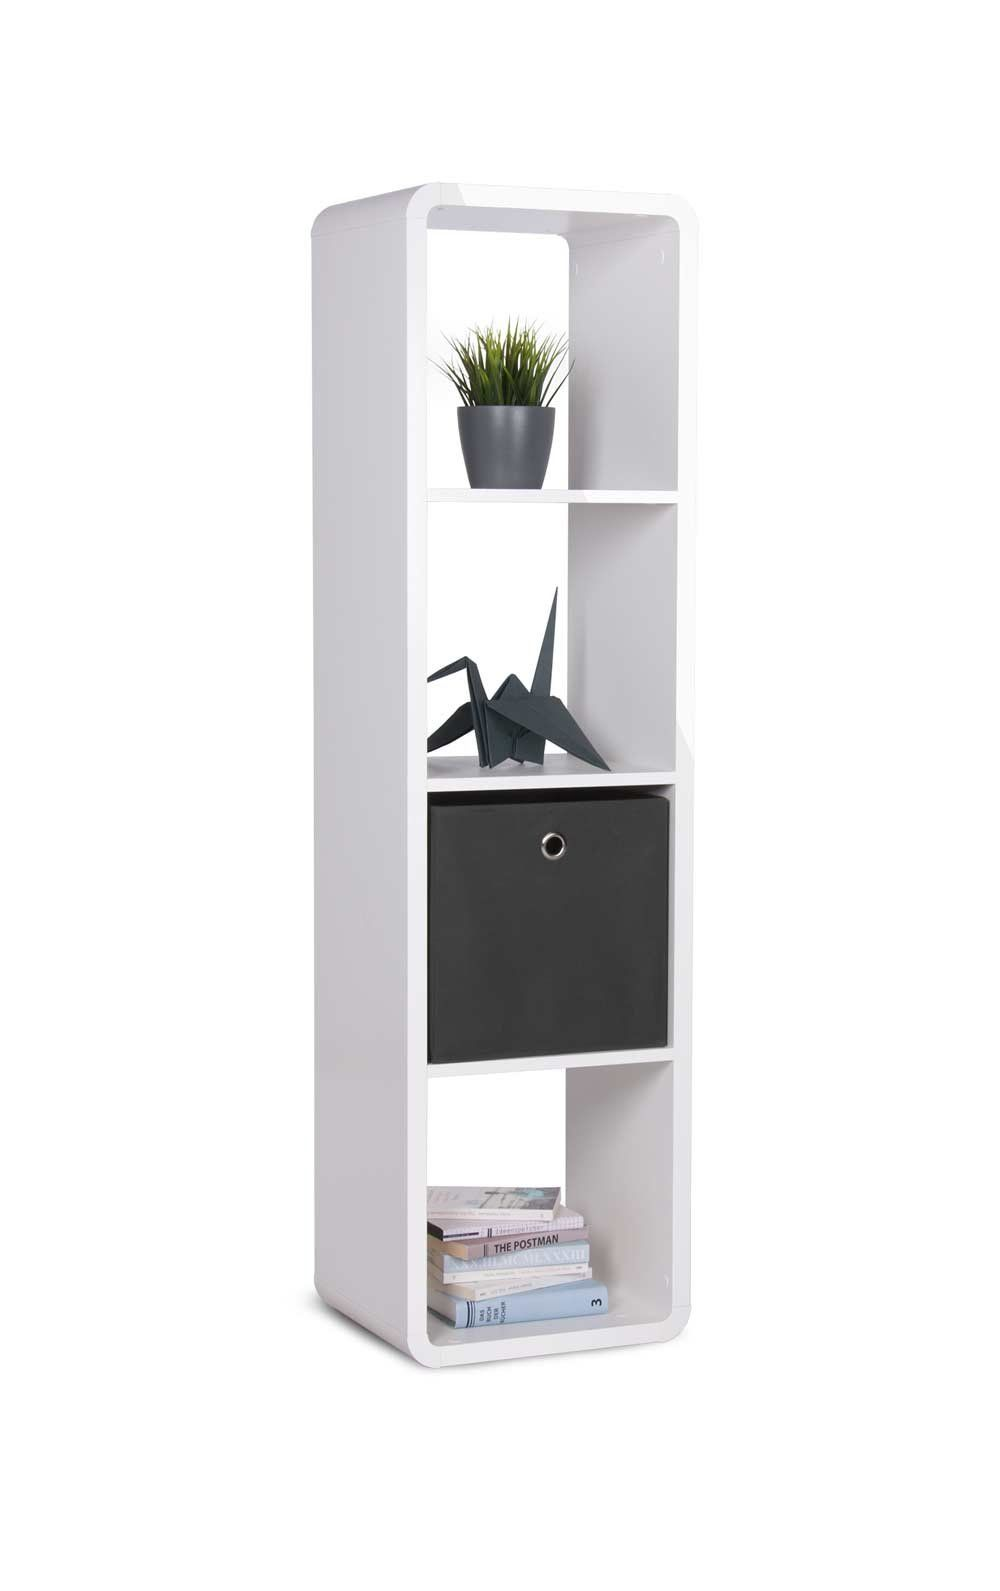 Regal In Glanz Weiss 4 Facher Abgerundete Ecken Und Hochglanz Kante Masse B H T Ca 38x142x33 Cm Amazon D Home Office Storage Locker Storage Storage Shelves